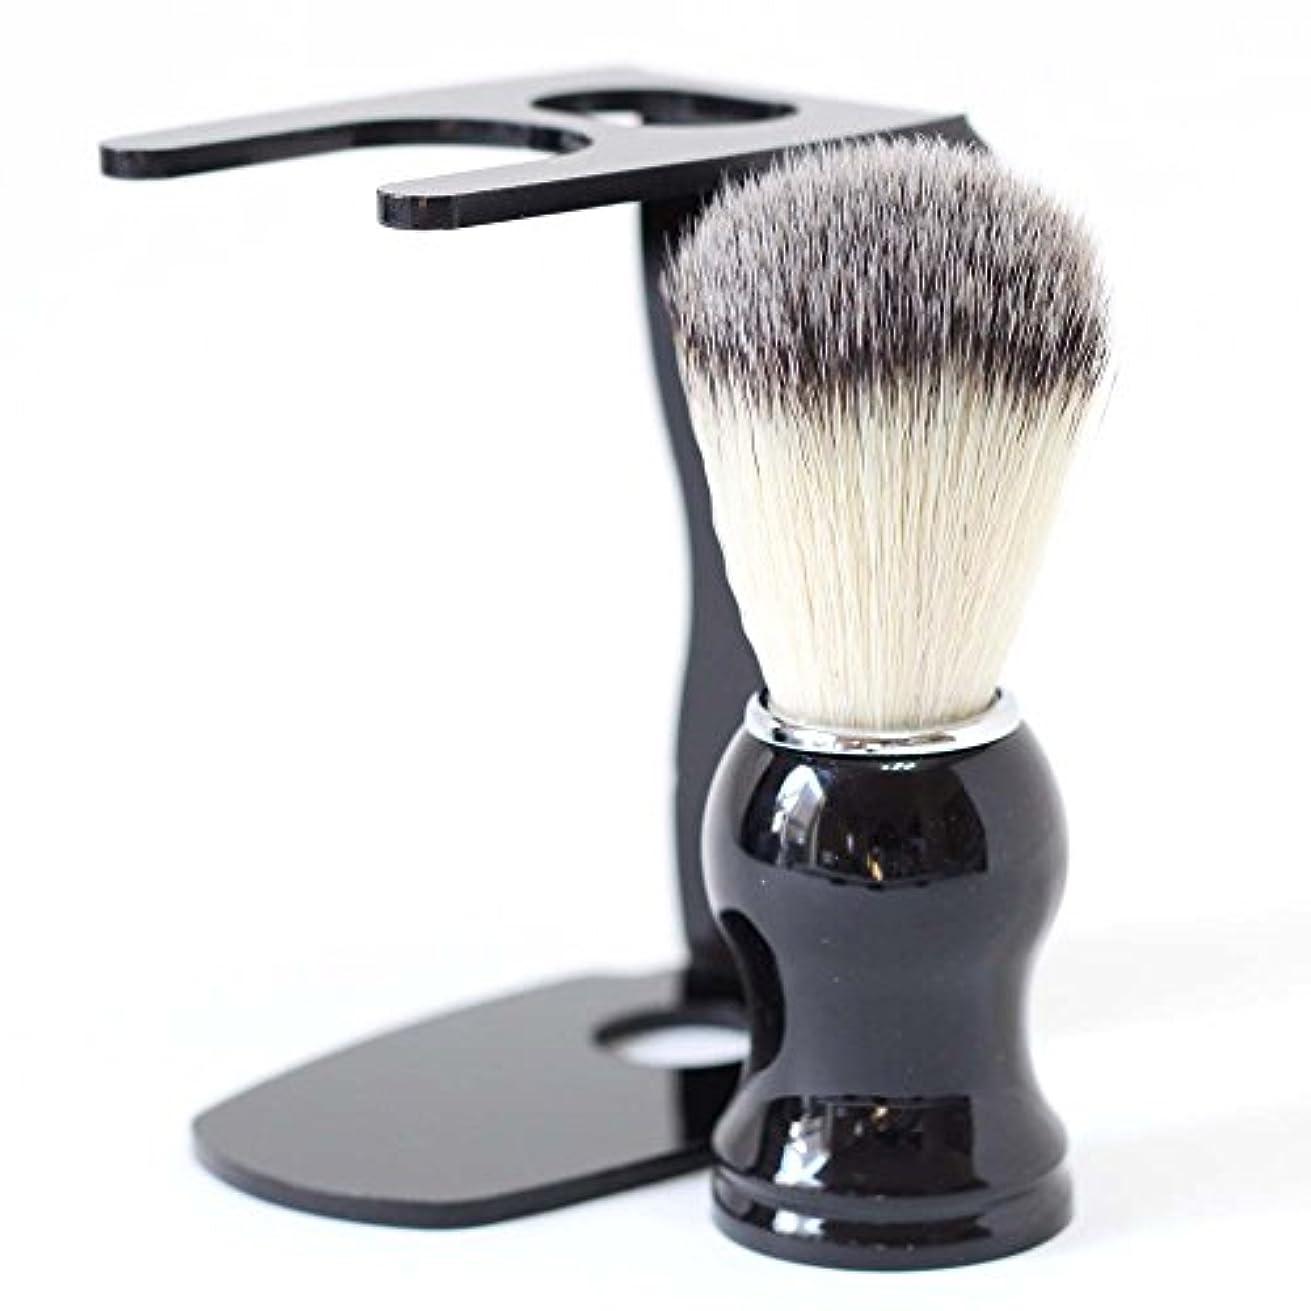 かける人類かわいらしい【Barsado】泡立ちが違う 100% アナグマ 毛 シェービング ブラシ スタンド付き/理容 洗顔 髭剃り マッサージ 効果